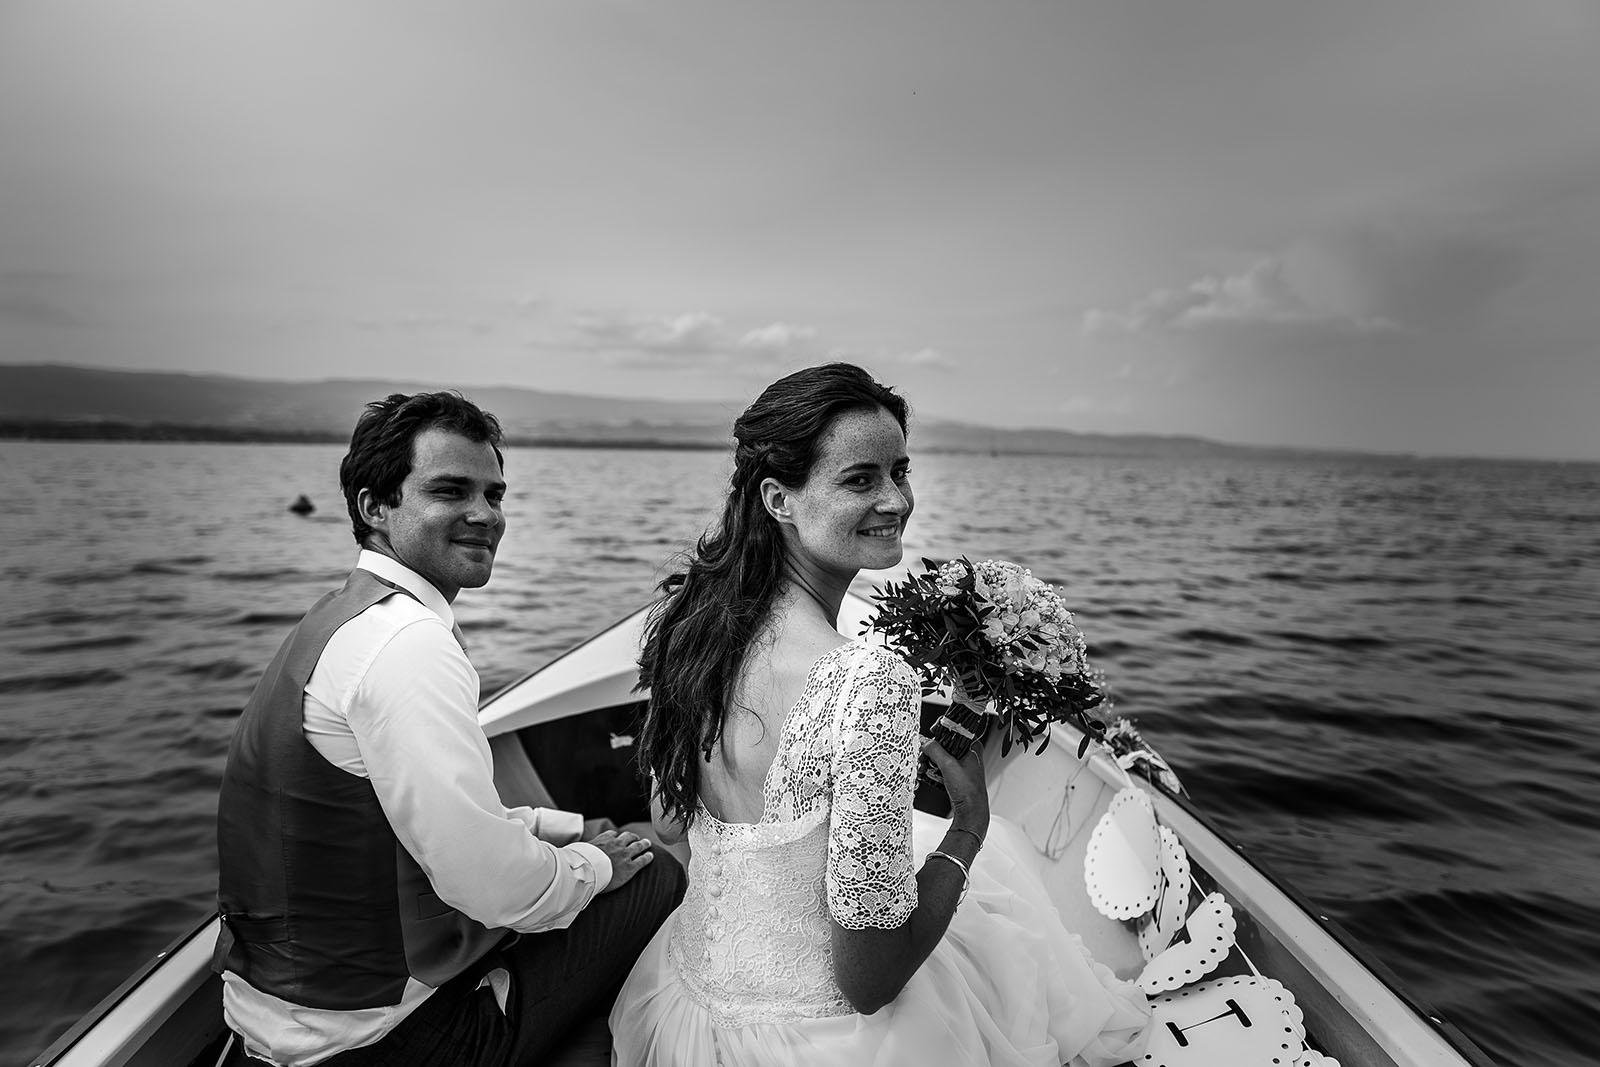 Mariage bohème en Suisse Photographe de mariage à Annecy. Les mariés partent en bateau sur le Lac Léman. Photo réalisée par Castille ALMA photographe de mariage au Lac Léman en Haute Savoie.